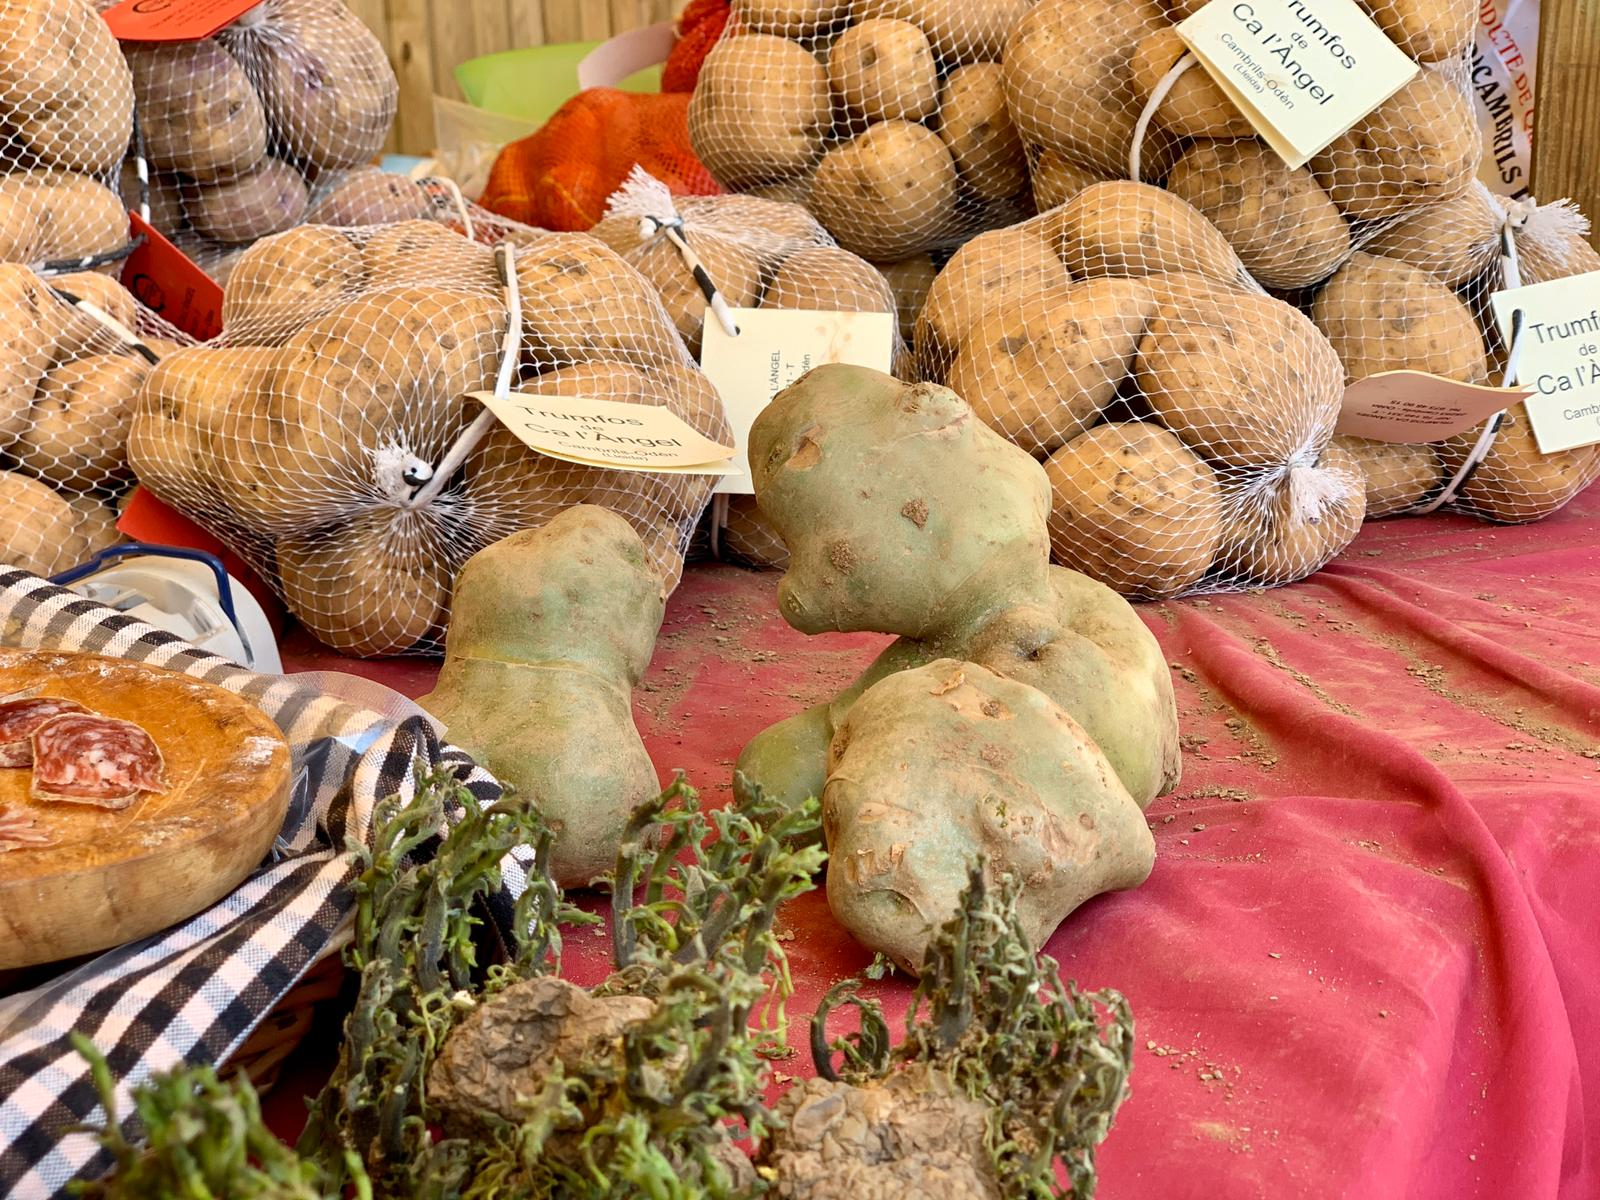 Diferents tipus de patates en una parada de la Fira del Trumfo i la Tòfona | Mercè Magaña